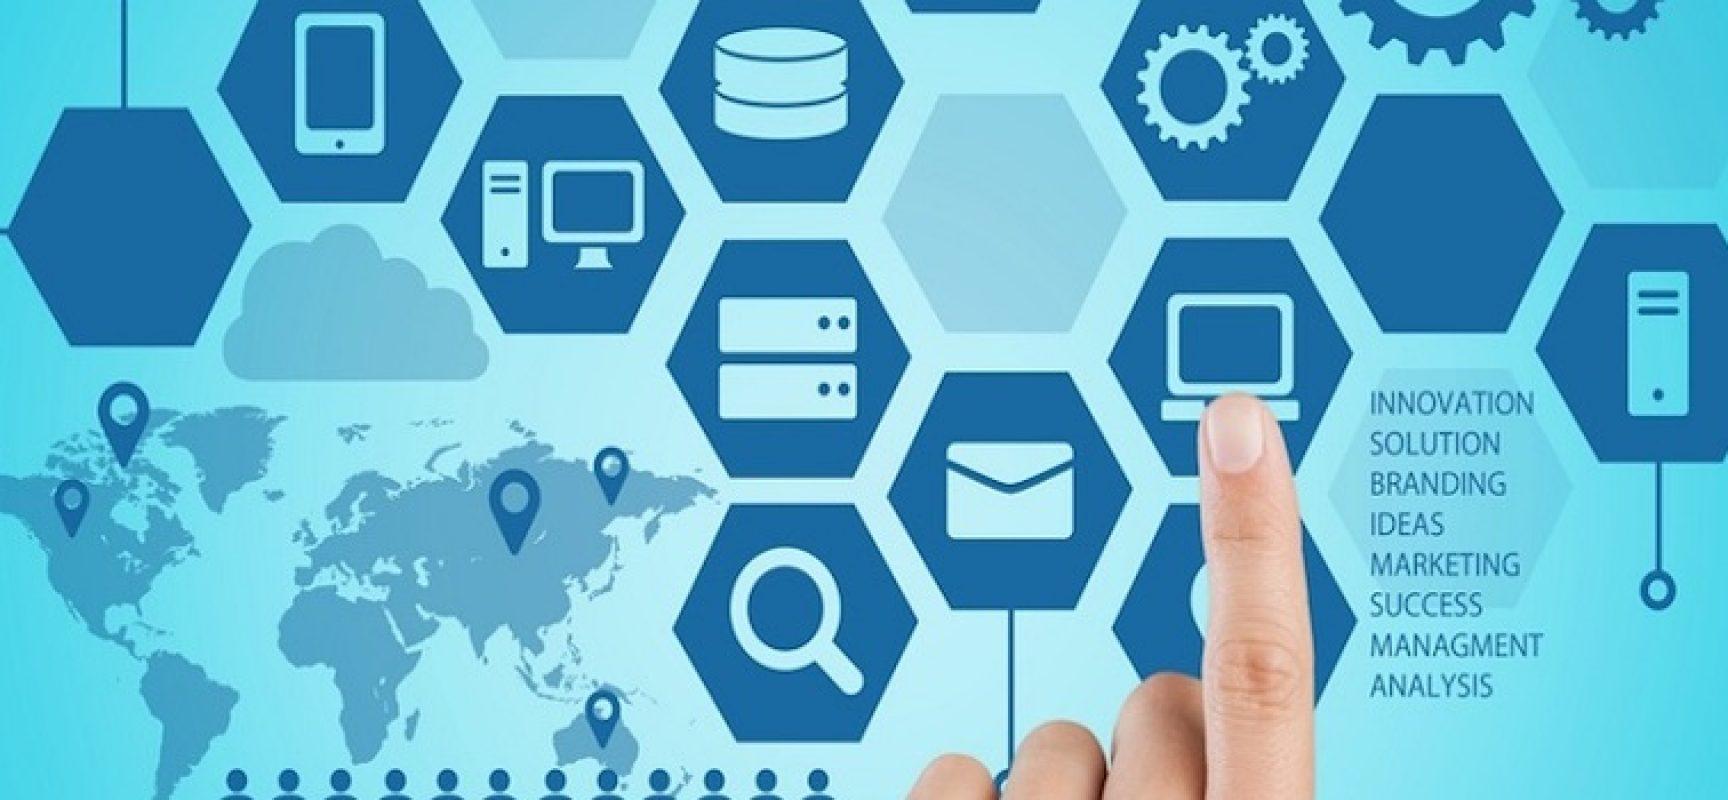 Imprese, ecco come richiedere voucher per digitalizzazione ed ammodernamento tecnologico